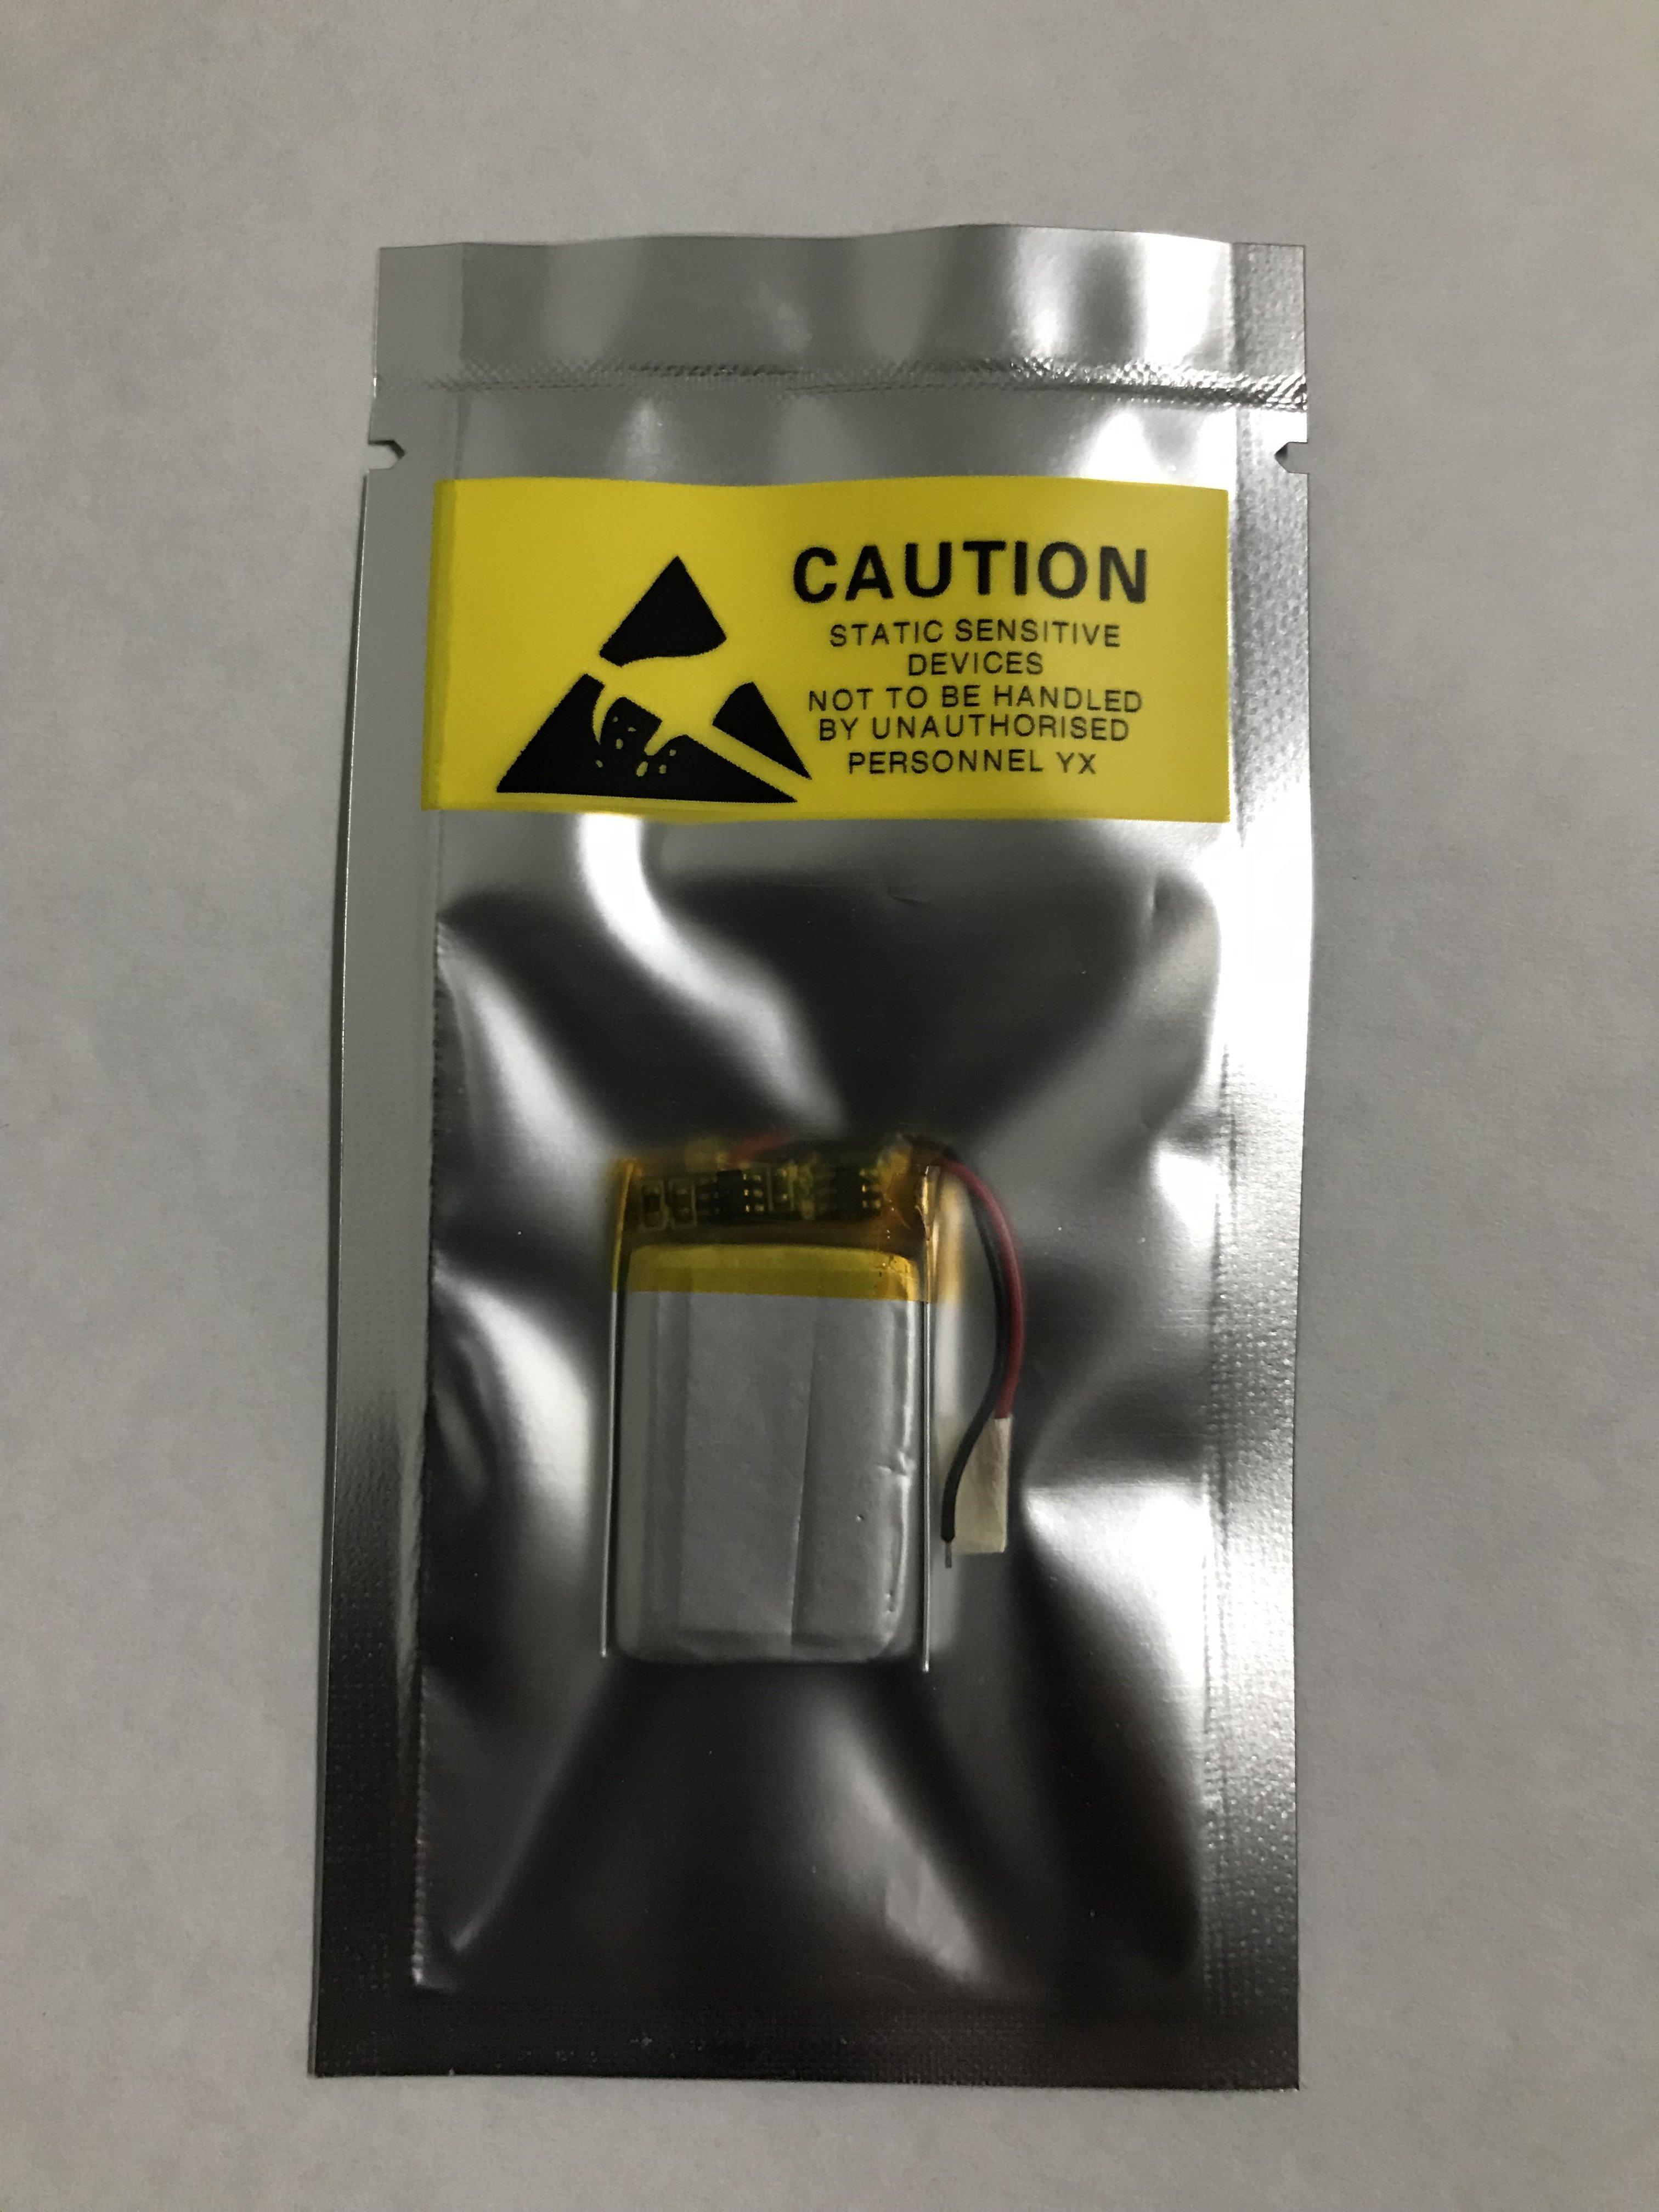 502030 250mah 小型 鋰電池 小玩具 各式充電式隨身設備(含保護板)